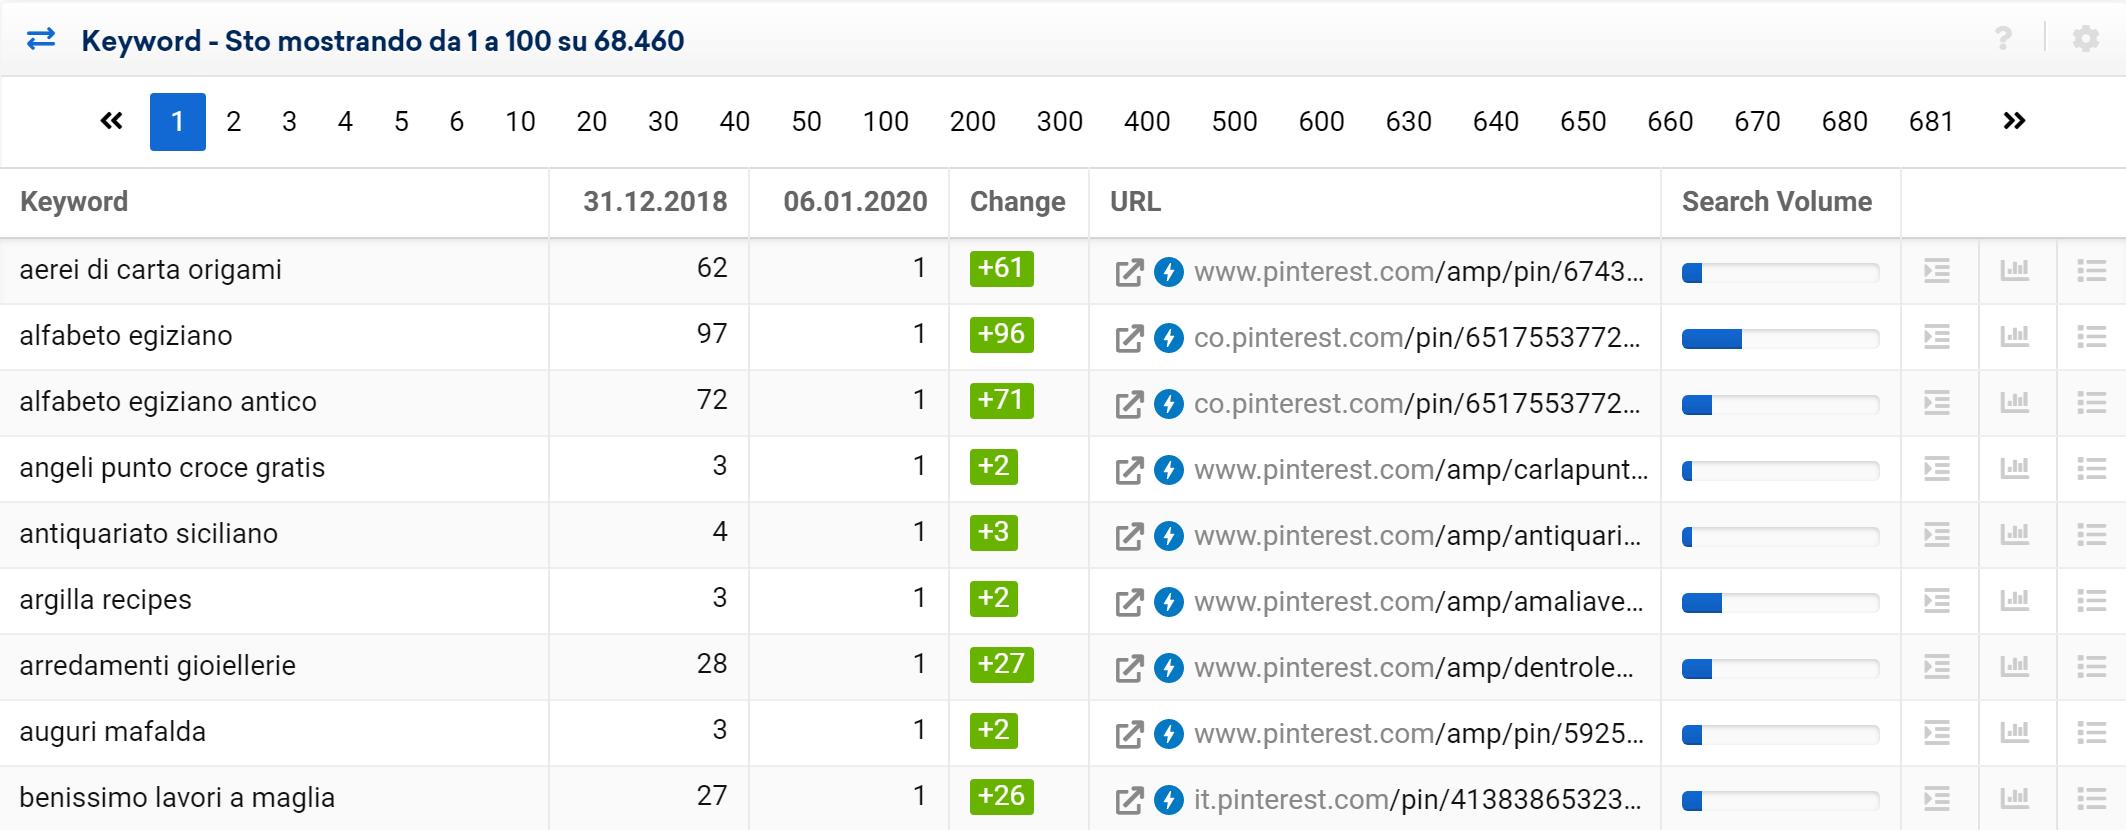 Toolbox SISTRIX: keyword migliorate di pinterest.com